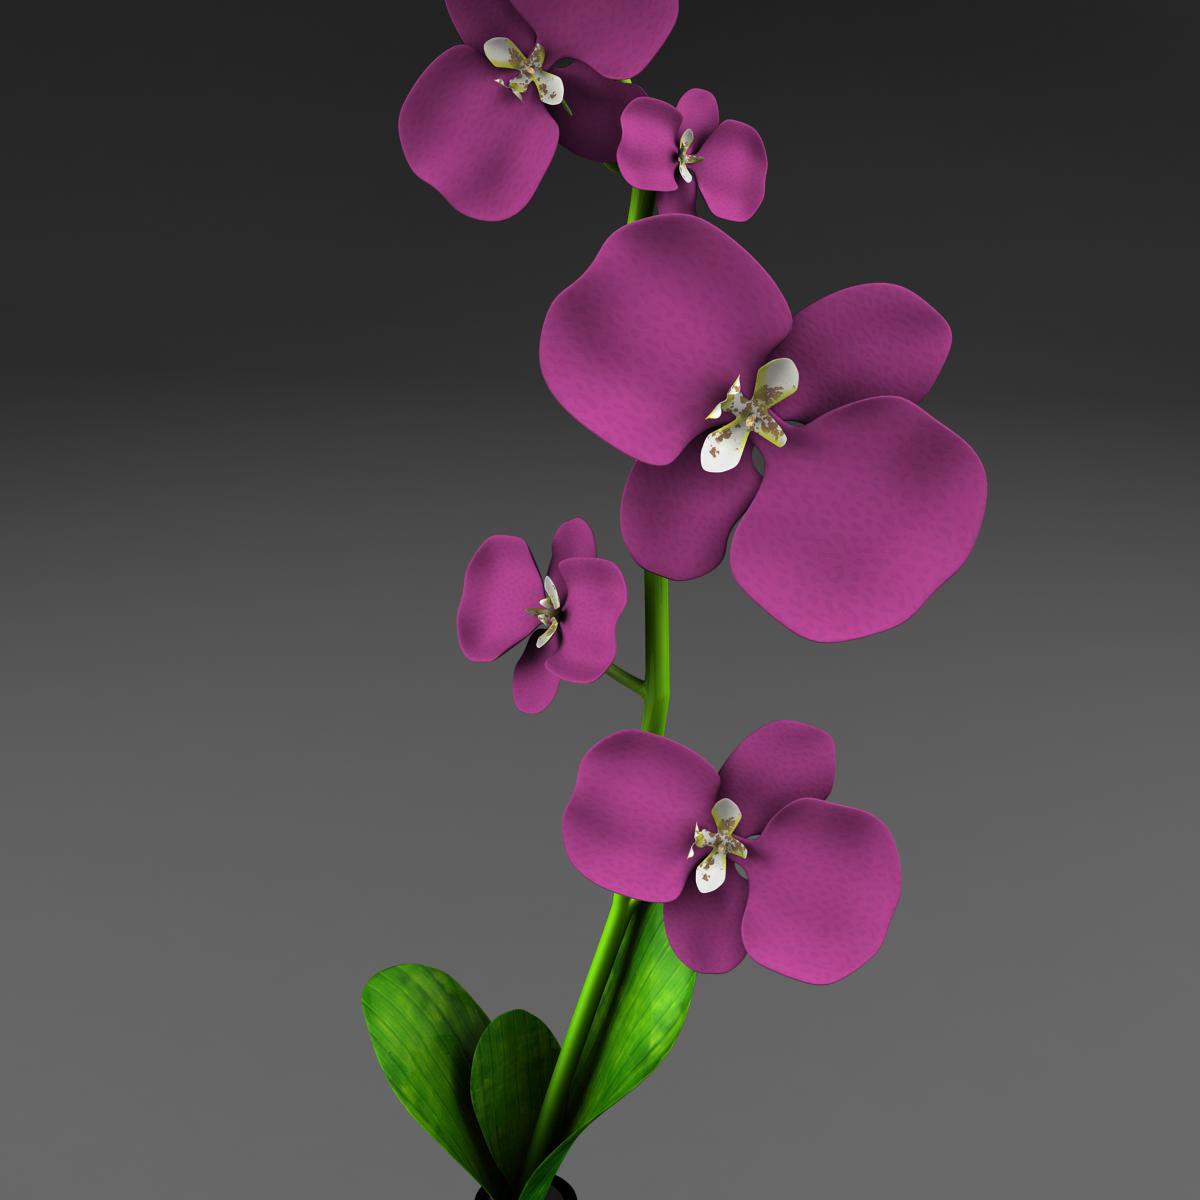 cvijetna baza 3d model 3ds max fbx ma mb obj 158099